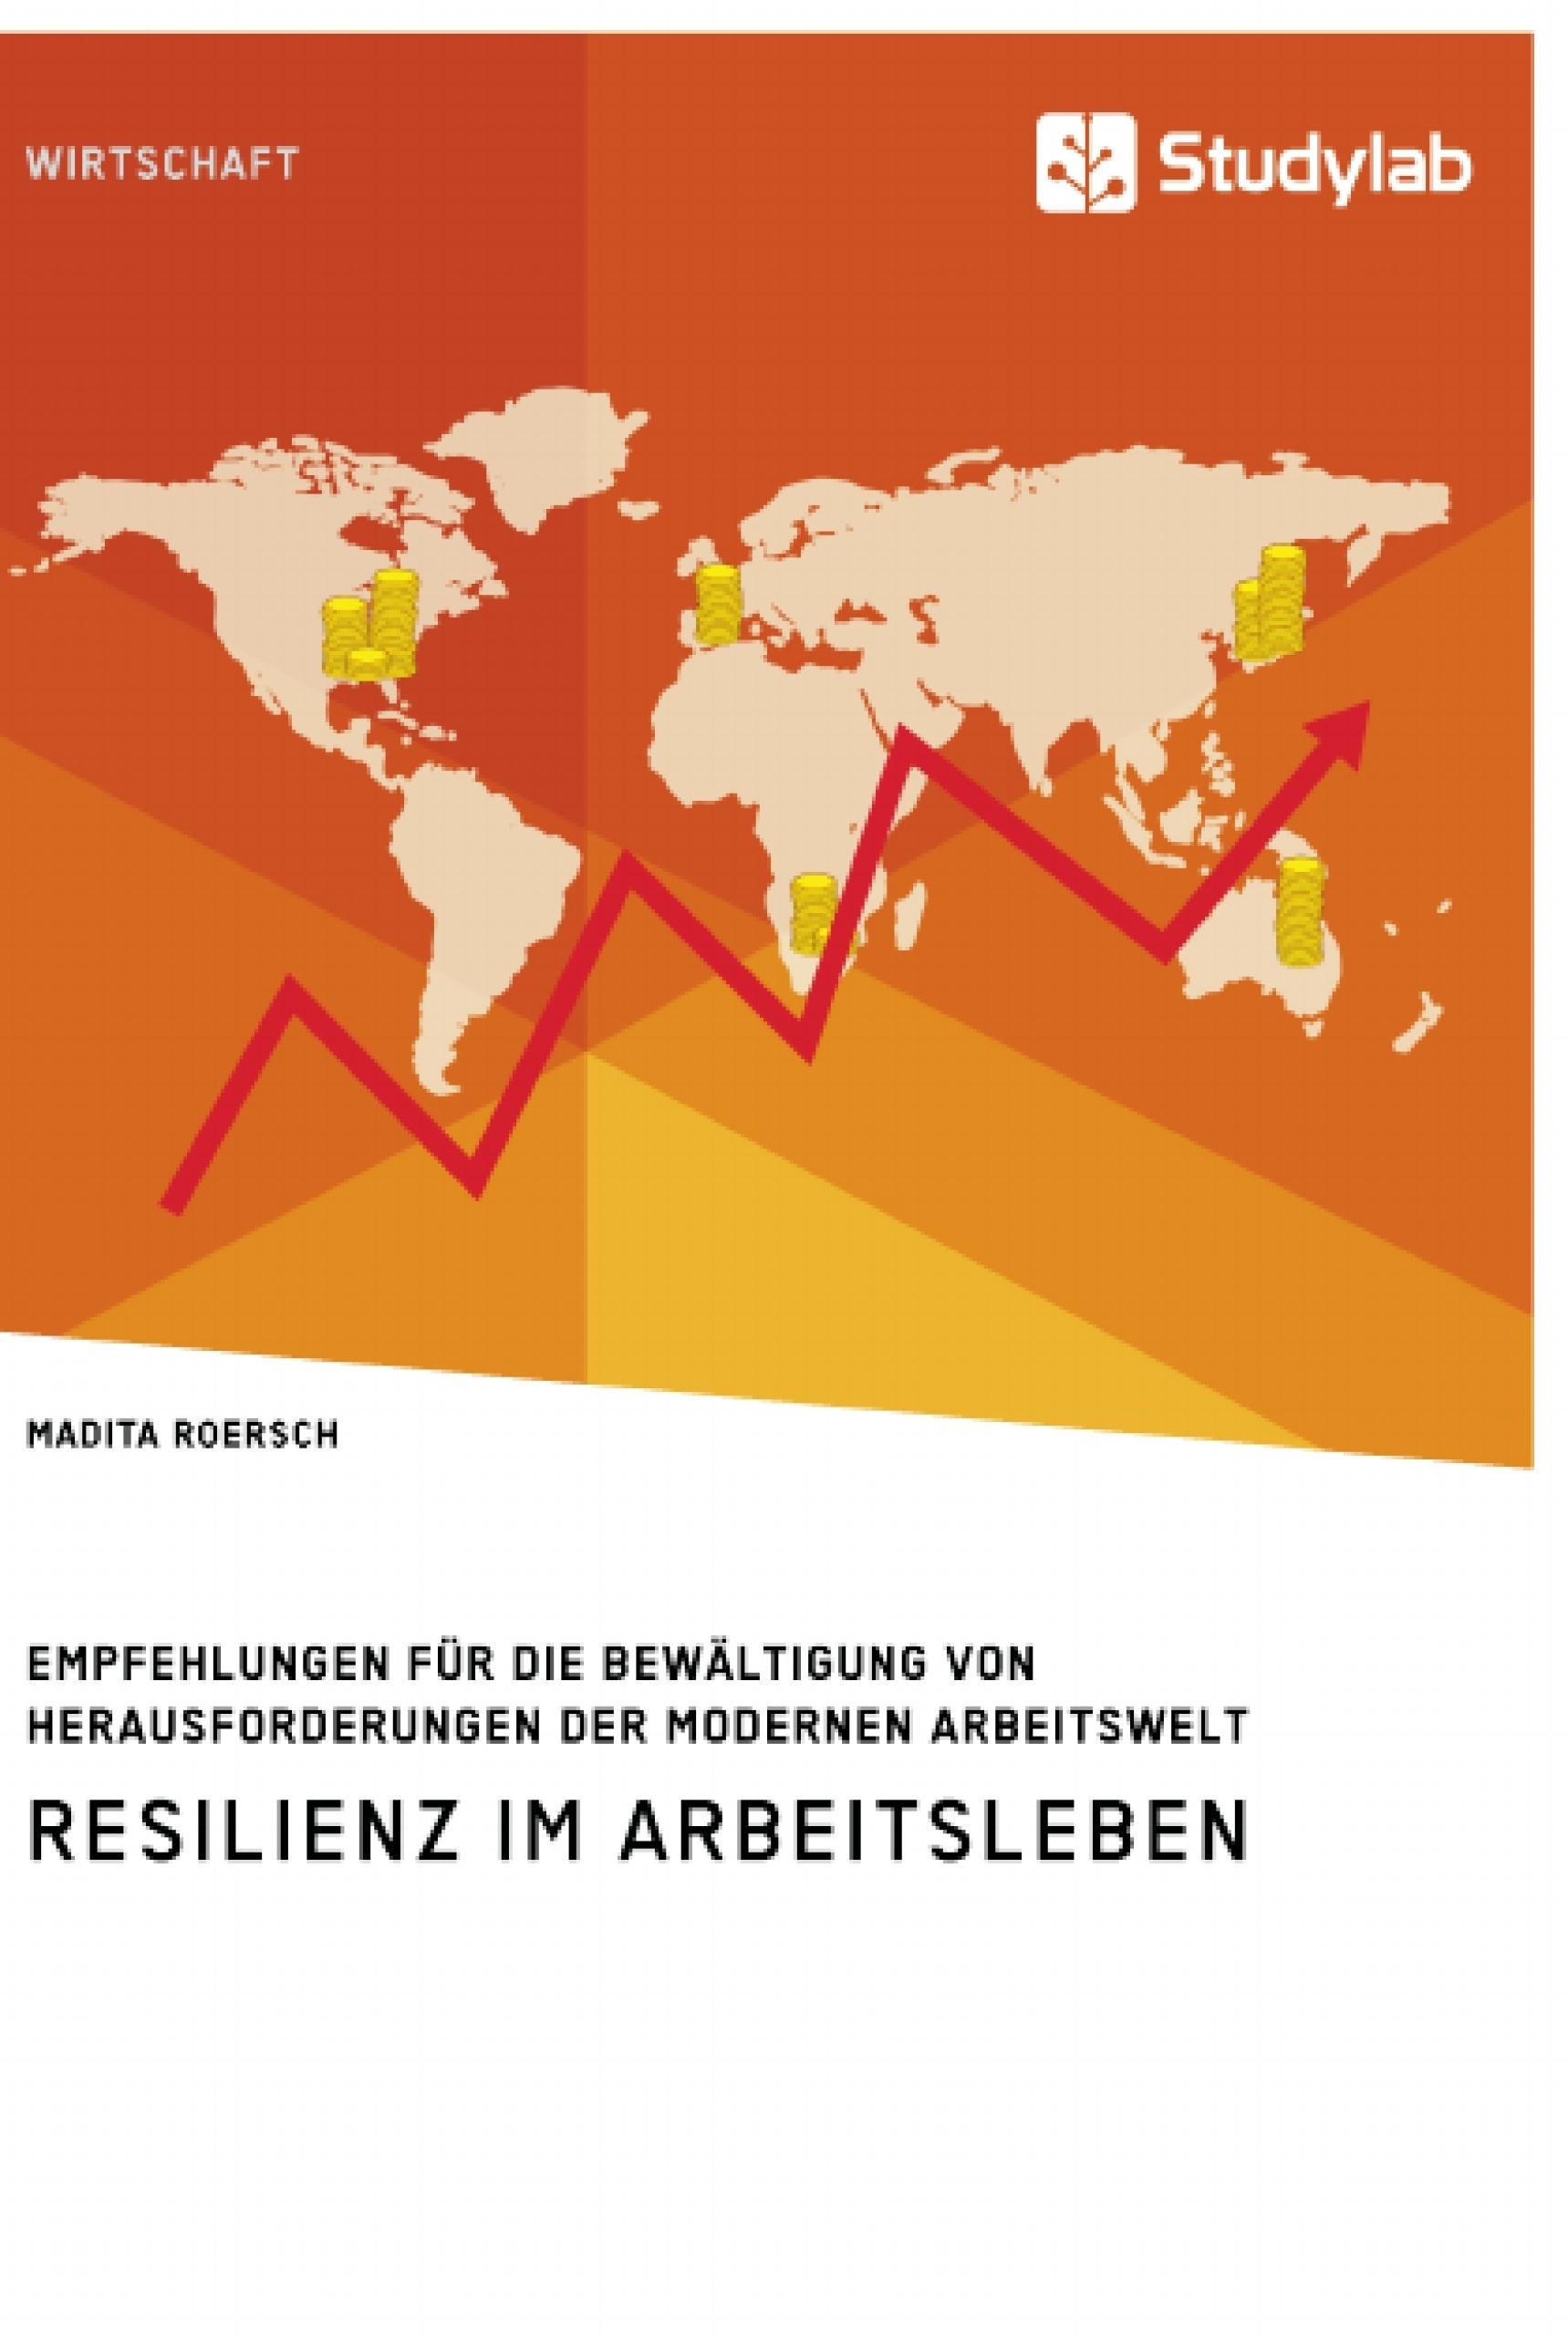 Titel: Resilienz im Arbeitsleben. Empfehlungen für die Bewältigung von Herausforderungen der modernen Arbeitswelt